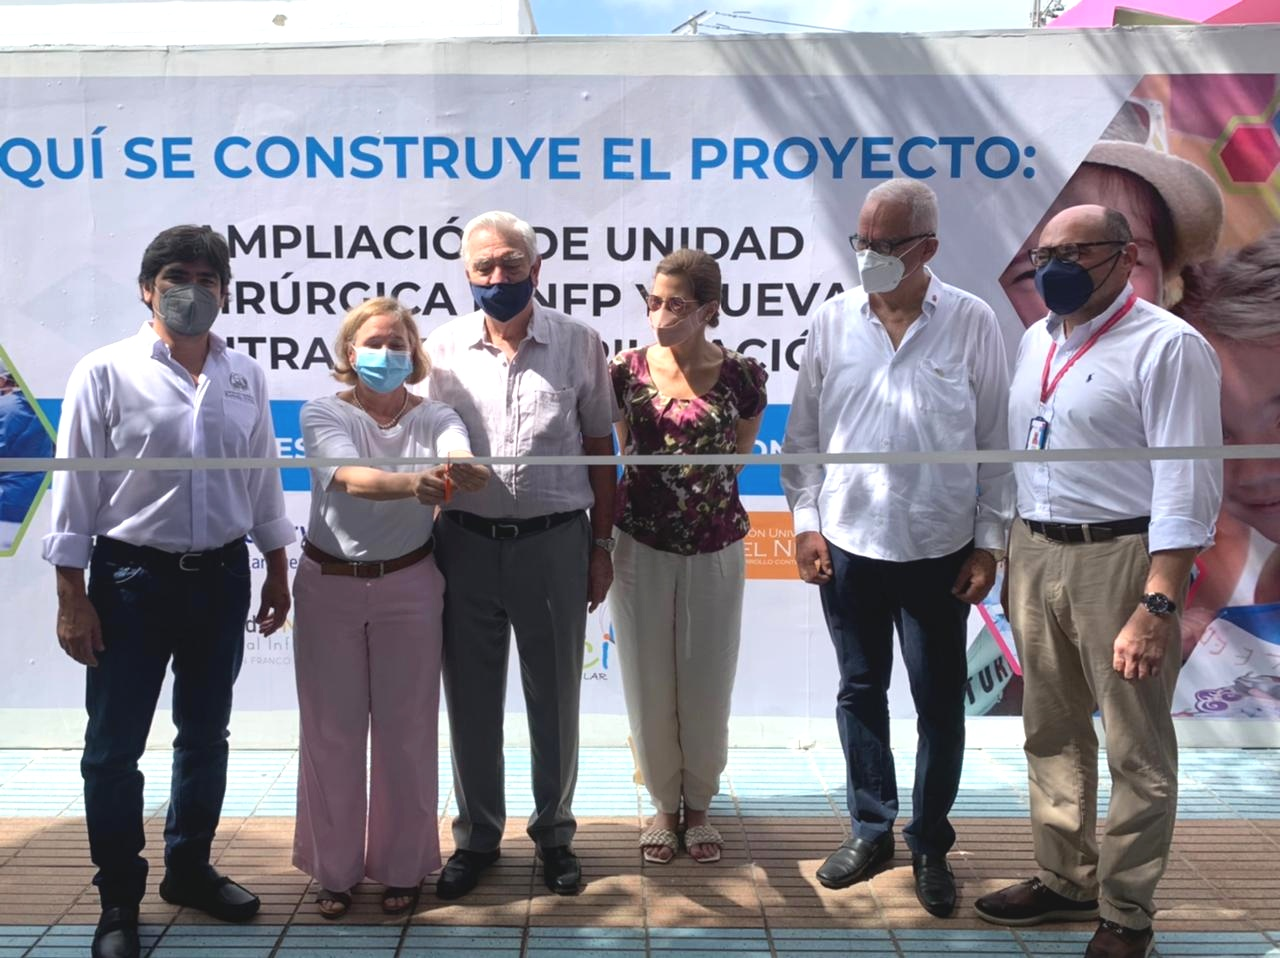 Se da inicio a la construcción de la nueva Unidad Quirúrgica en el Hospital – CASA DEL NIÑO – en alianza con la UniNúñez